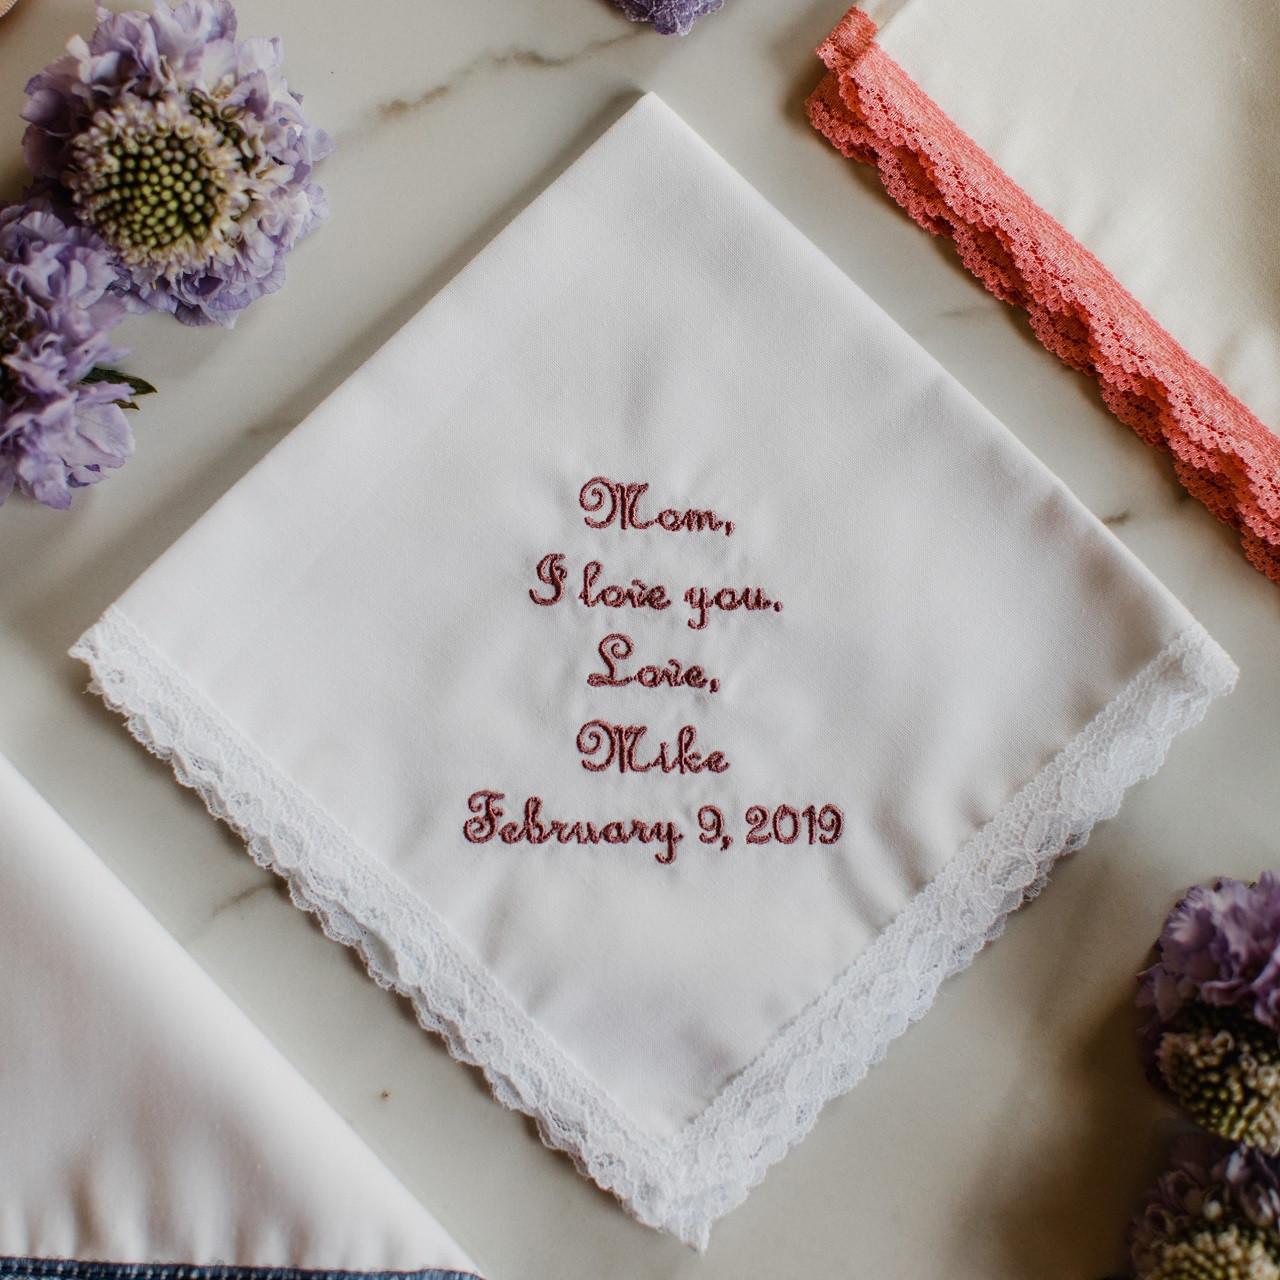 Mother of the Bride groom wedding handkerchief monogram